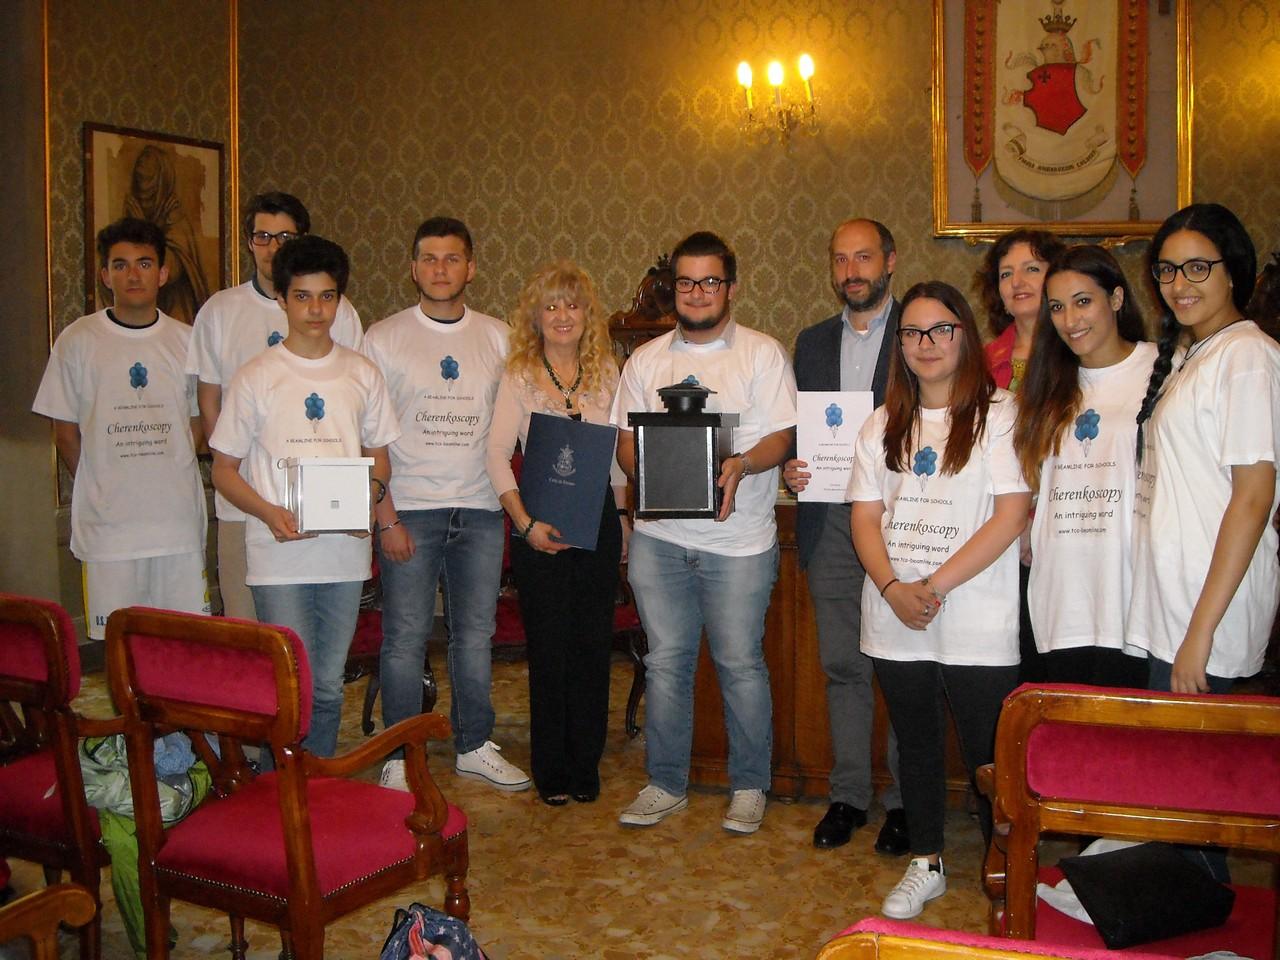 I ragazzi del Liceo Scientifico di Fermo che hanno partecipato al concorso mondiale